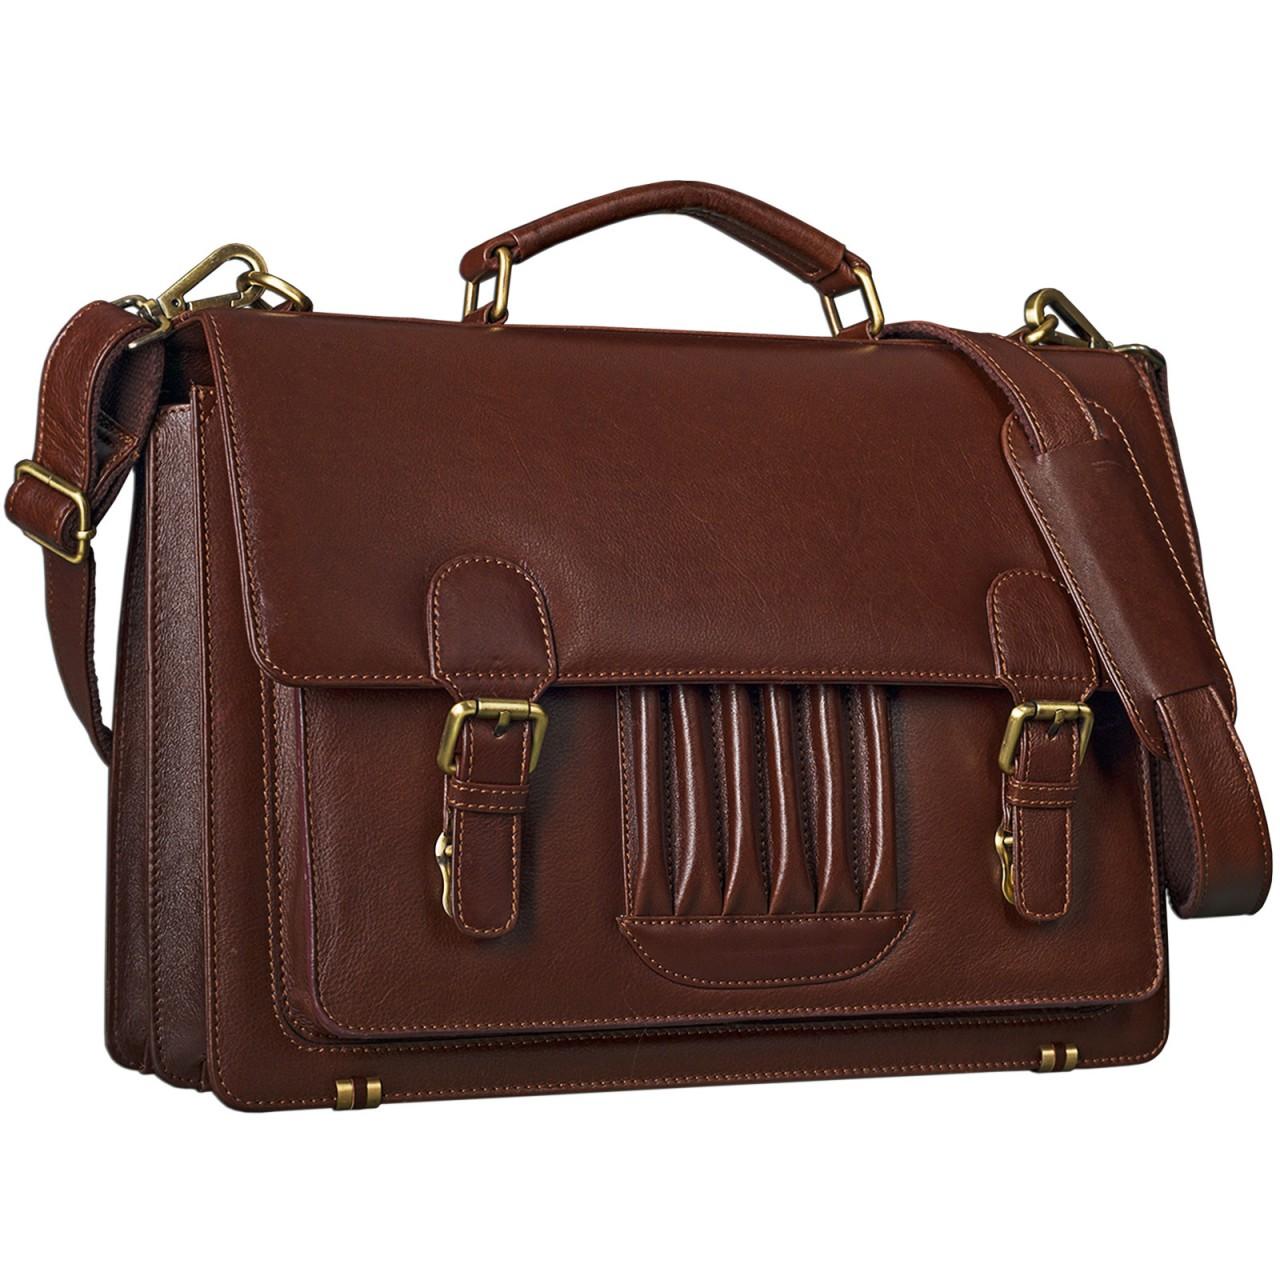 STILORD Vintage Businesstasche elegant Umhängetasche Handtasche Büro Lehrertasche aus echtem Rindsleder, rot-braun - Bild 1